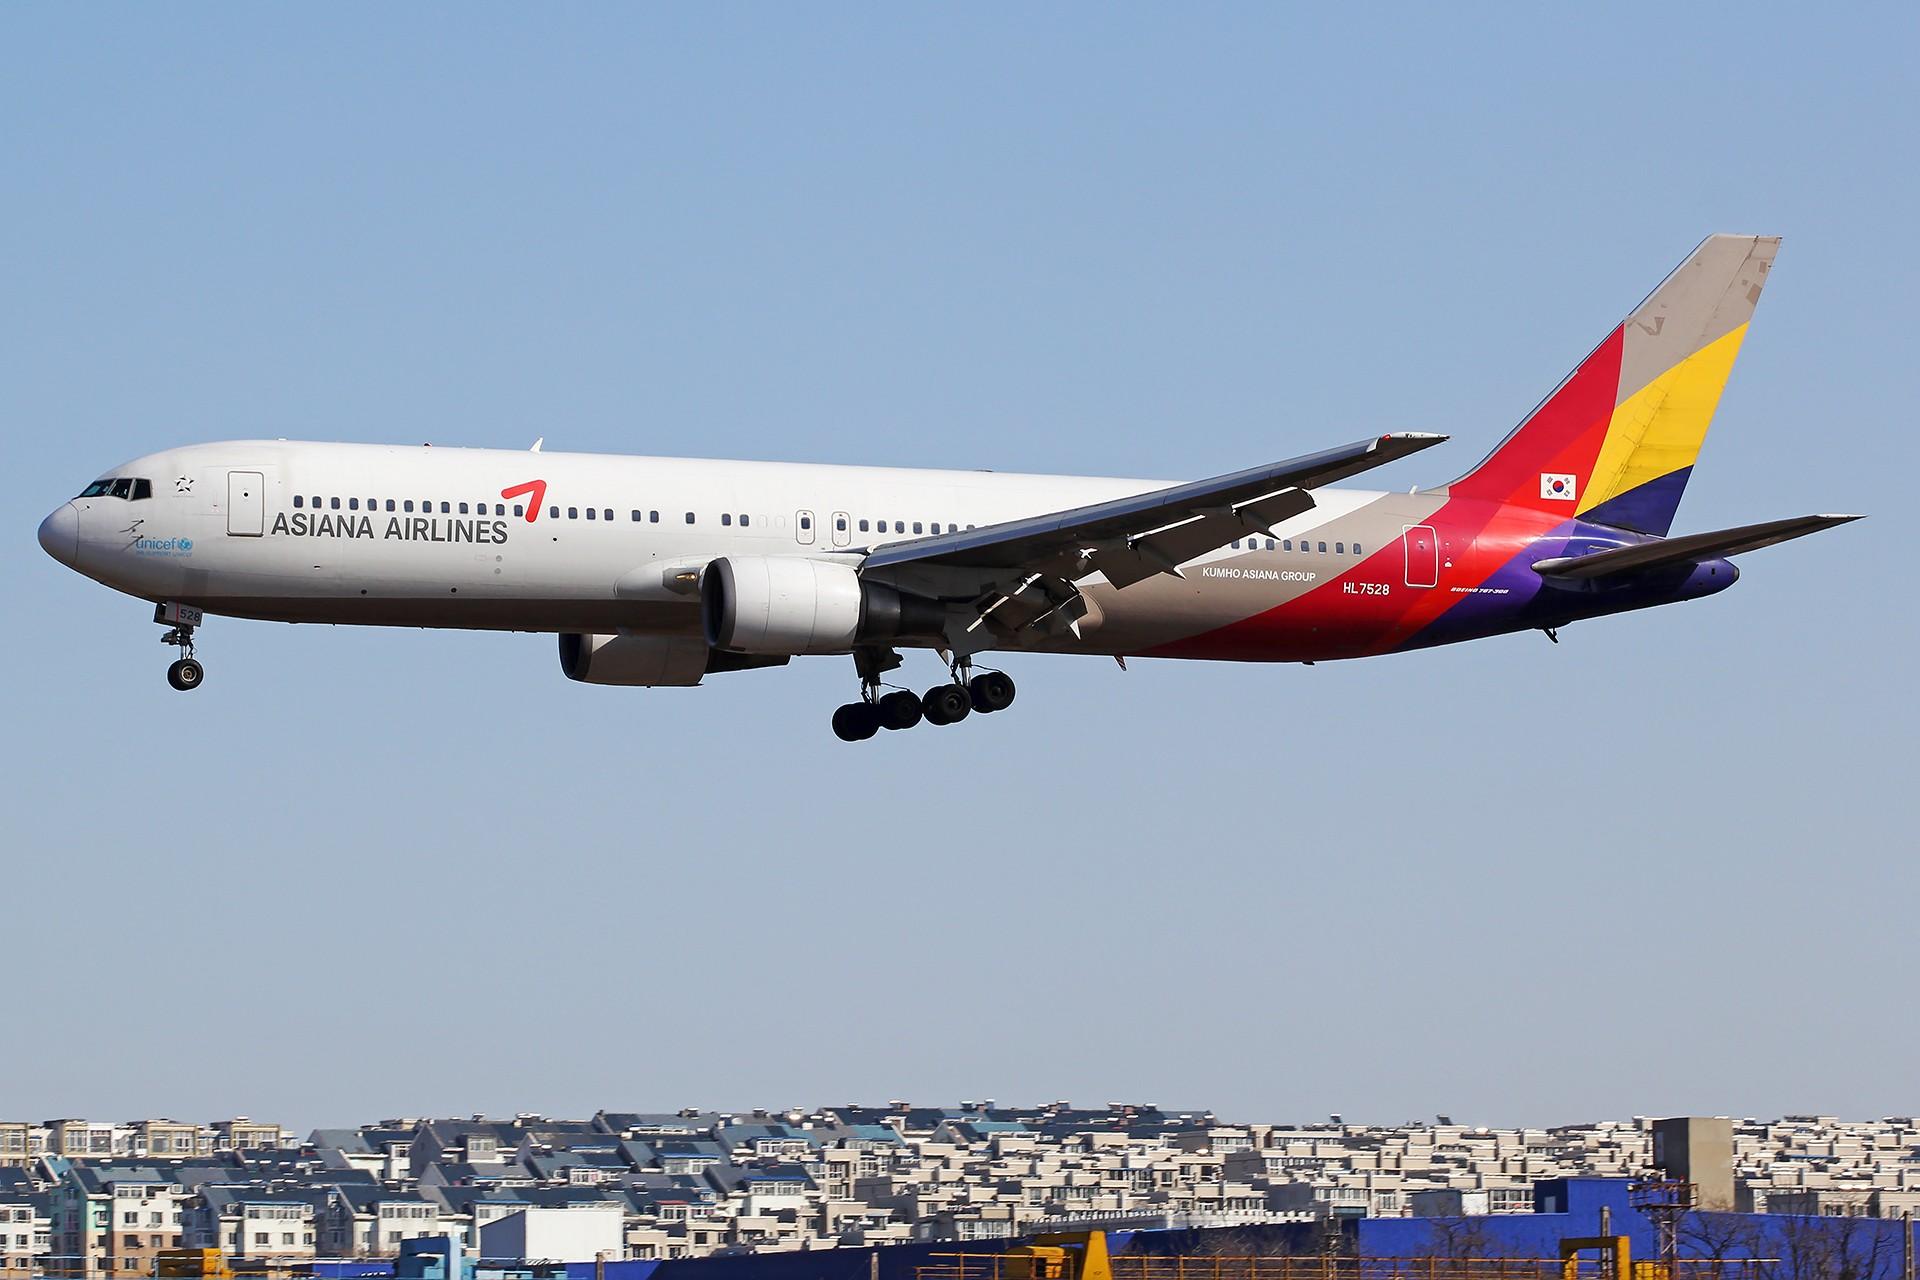 Re:[原创][原创][DLC]。。。春夏秋冬。。。 BOEING 767-300 HL7528 中国大连国际机场